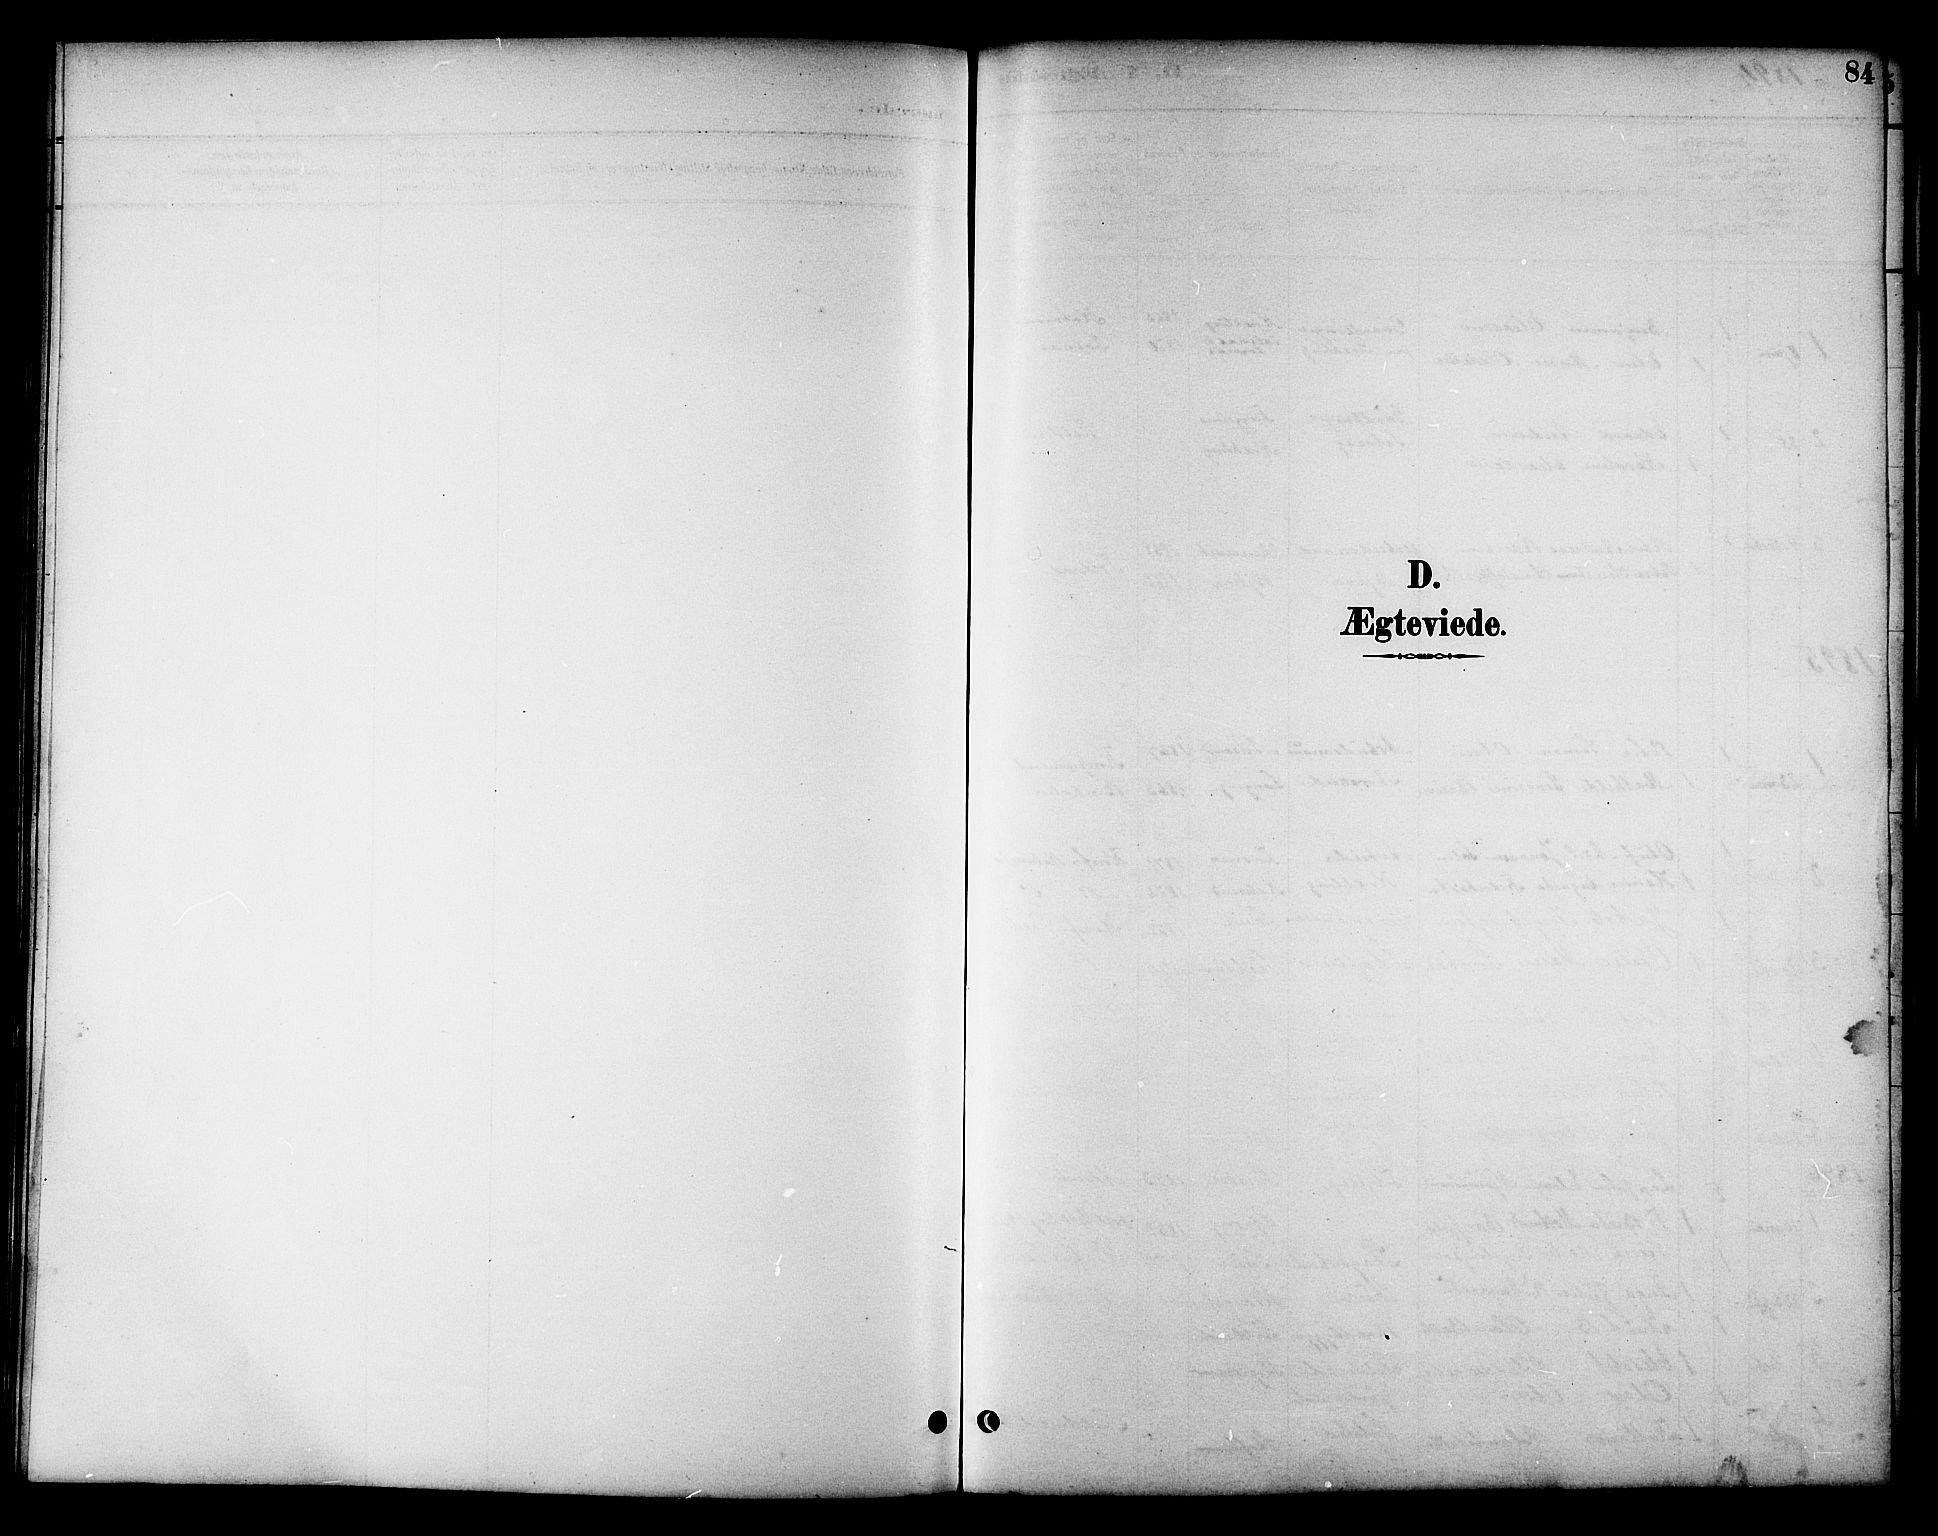 SAT, Ministerialprotokoller, klokkerbøker og fødselsregistre - Nord-Trøndelag, 783/L0662: Klokkerbok nr. 783C02, 1894-1919, s. 84